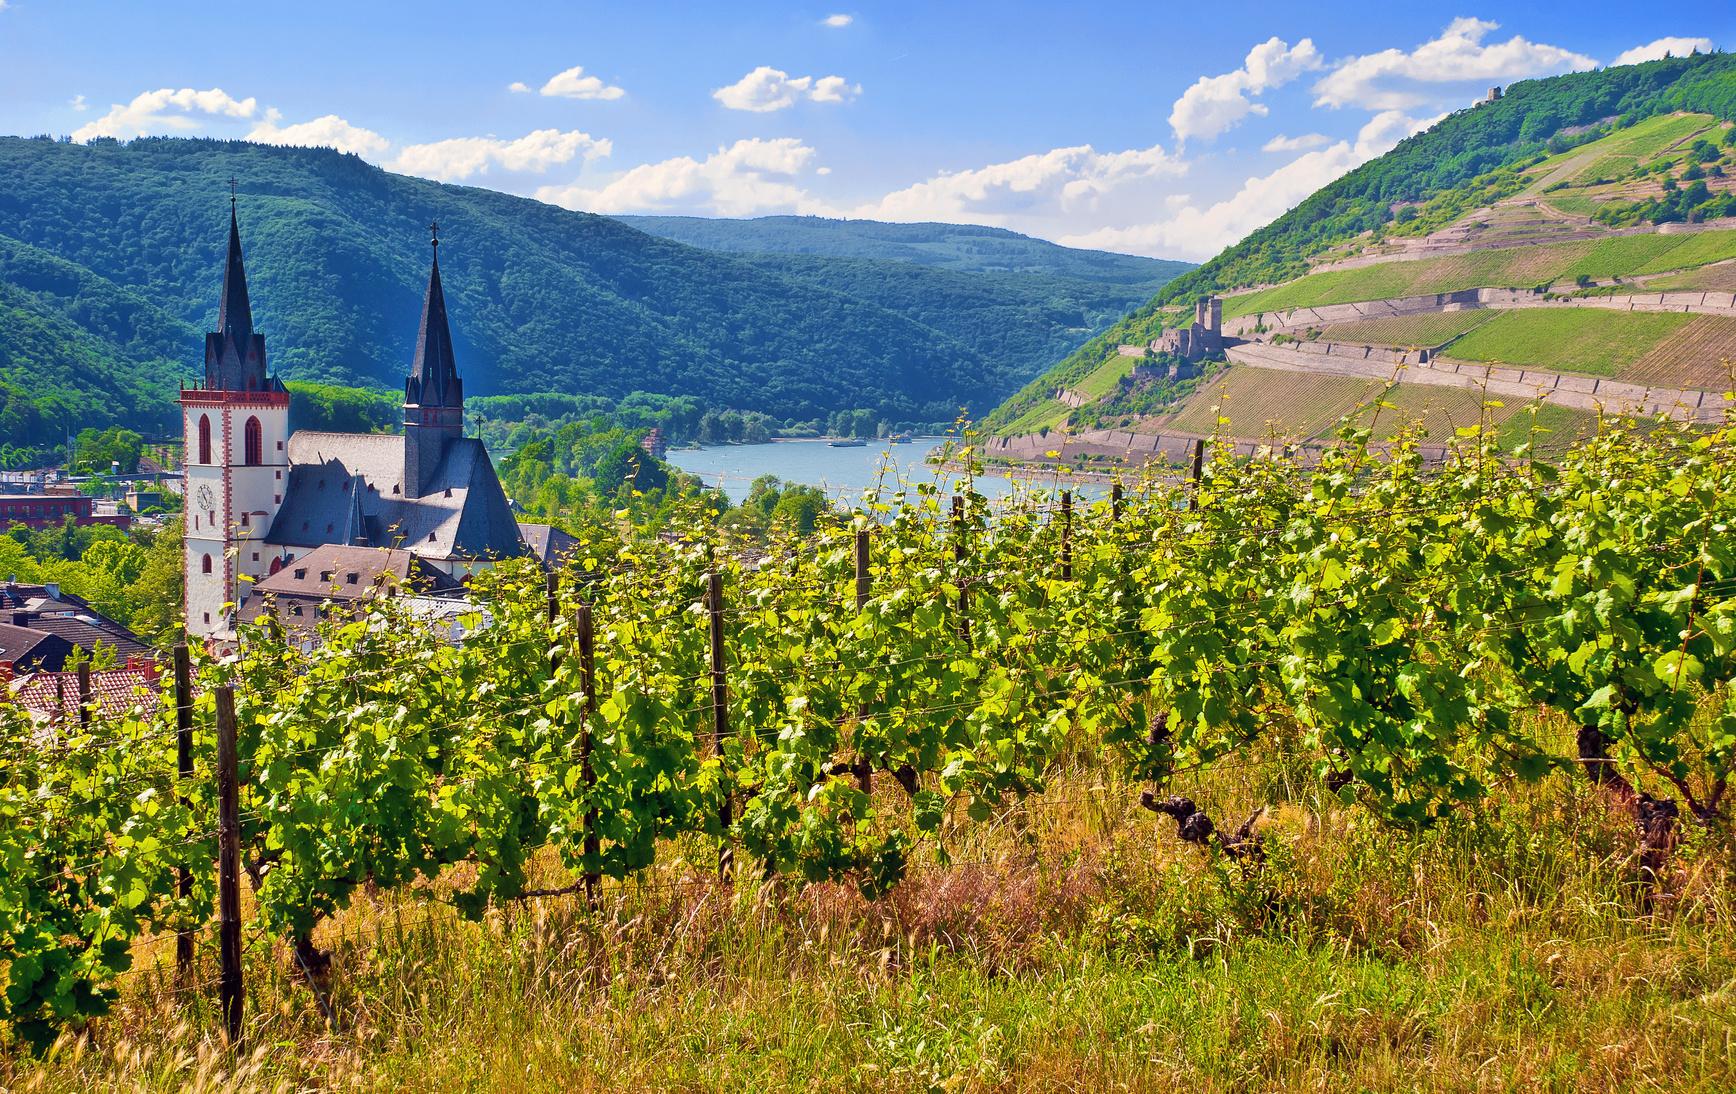 Die Pfalz-herrliche Gegend- leckerer Wein- Gemütlichkeit